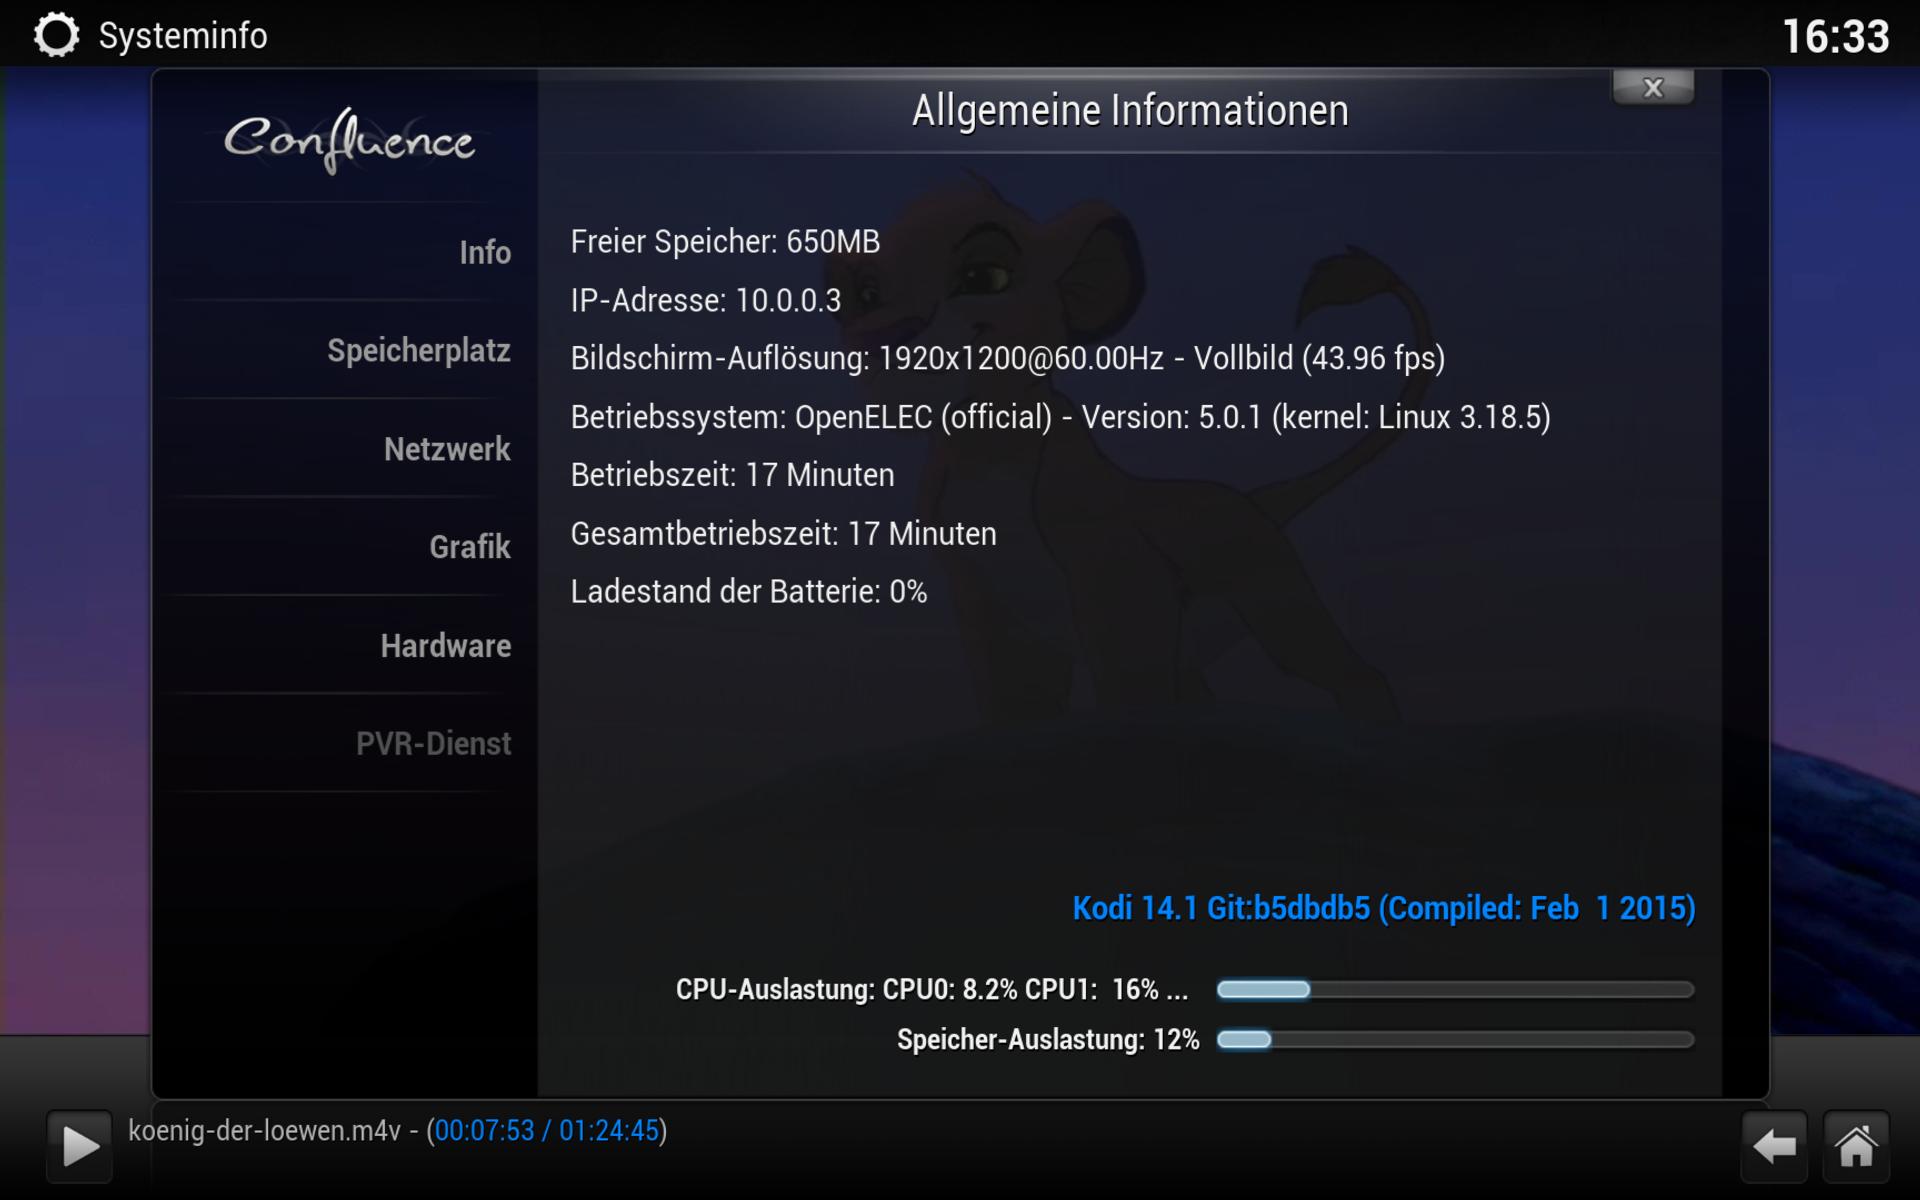 Raspberry Pi 2 Im Test Wiringpi Befehle Openelec 501 Kann Die Vier Cores Des Nicht Auslasten